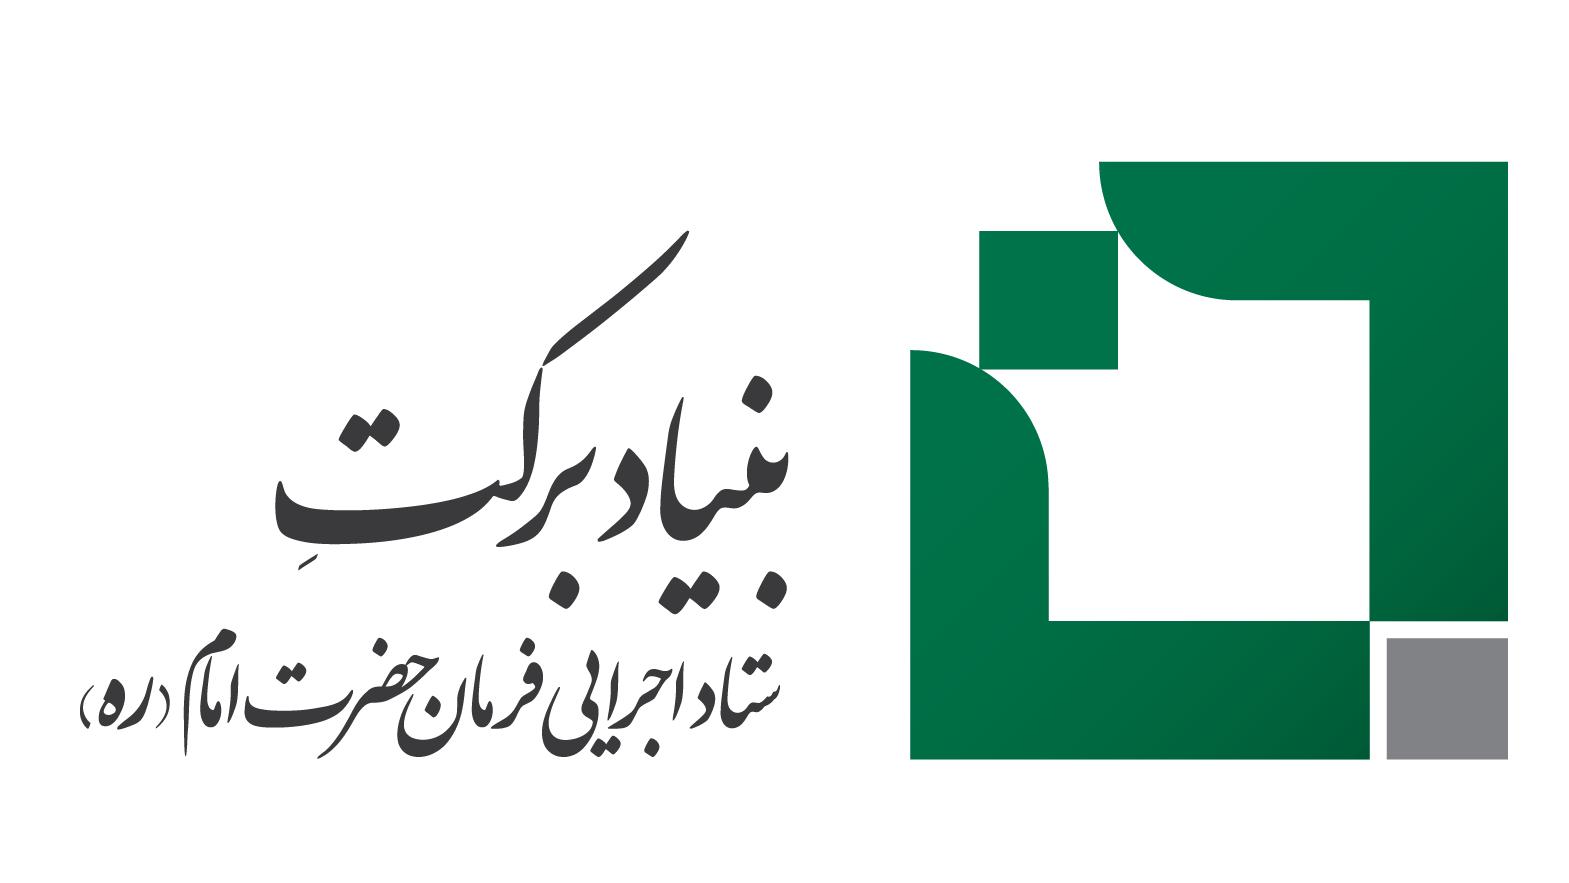 تکذیب خبر استخدام ۱۵۰۰ نفر در بنیاد برکت ستاد اجرایی فرمان امام(ره)